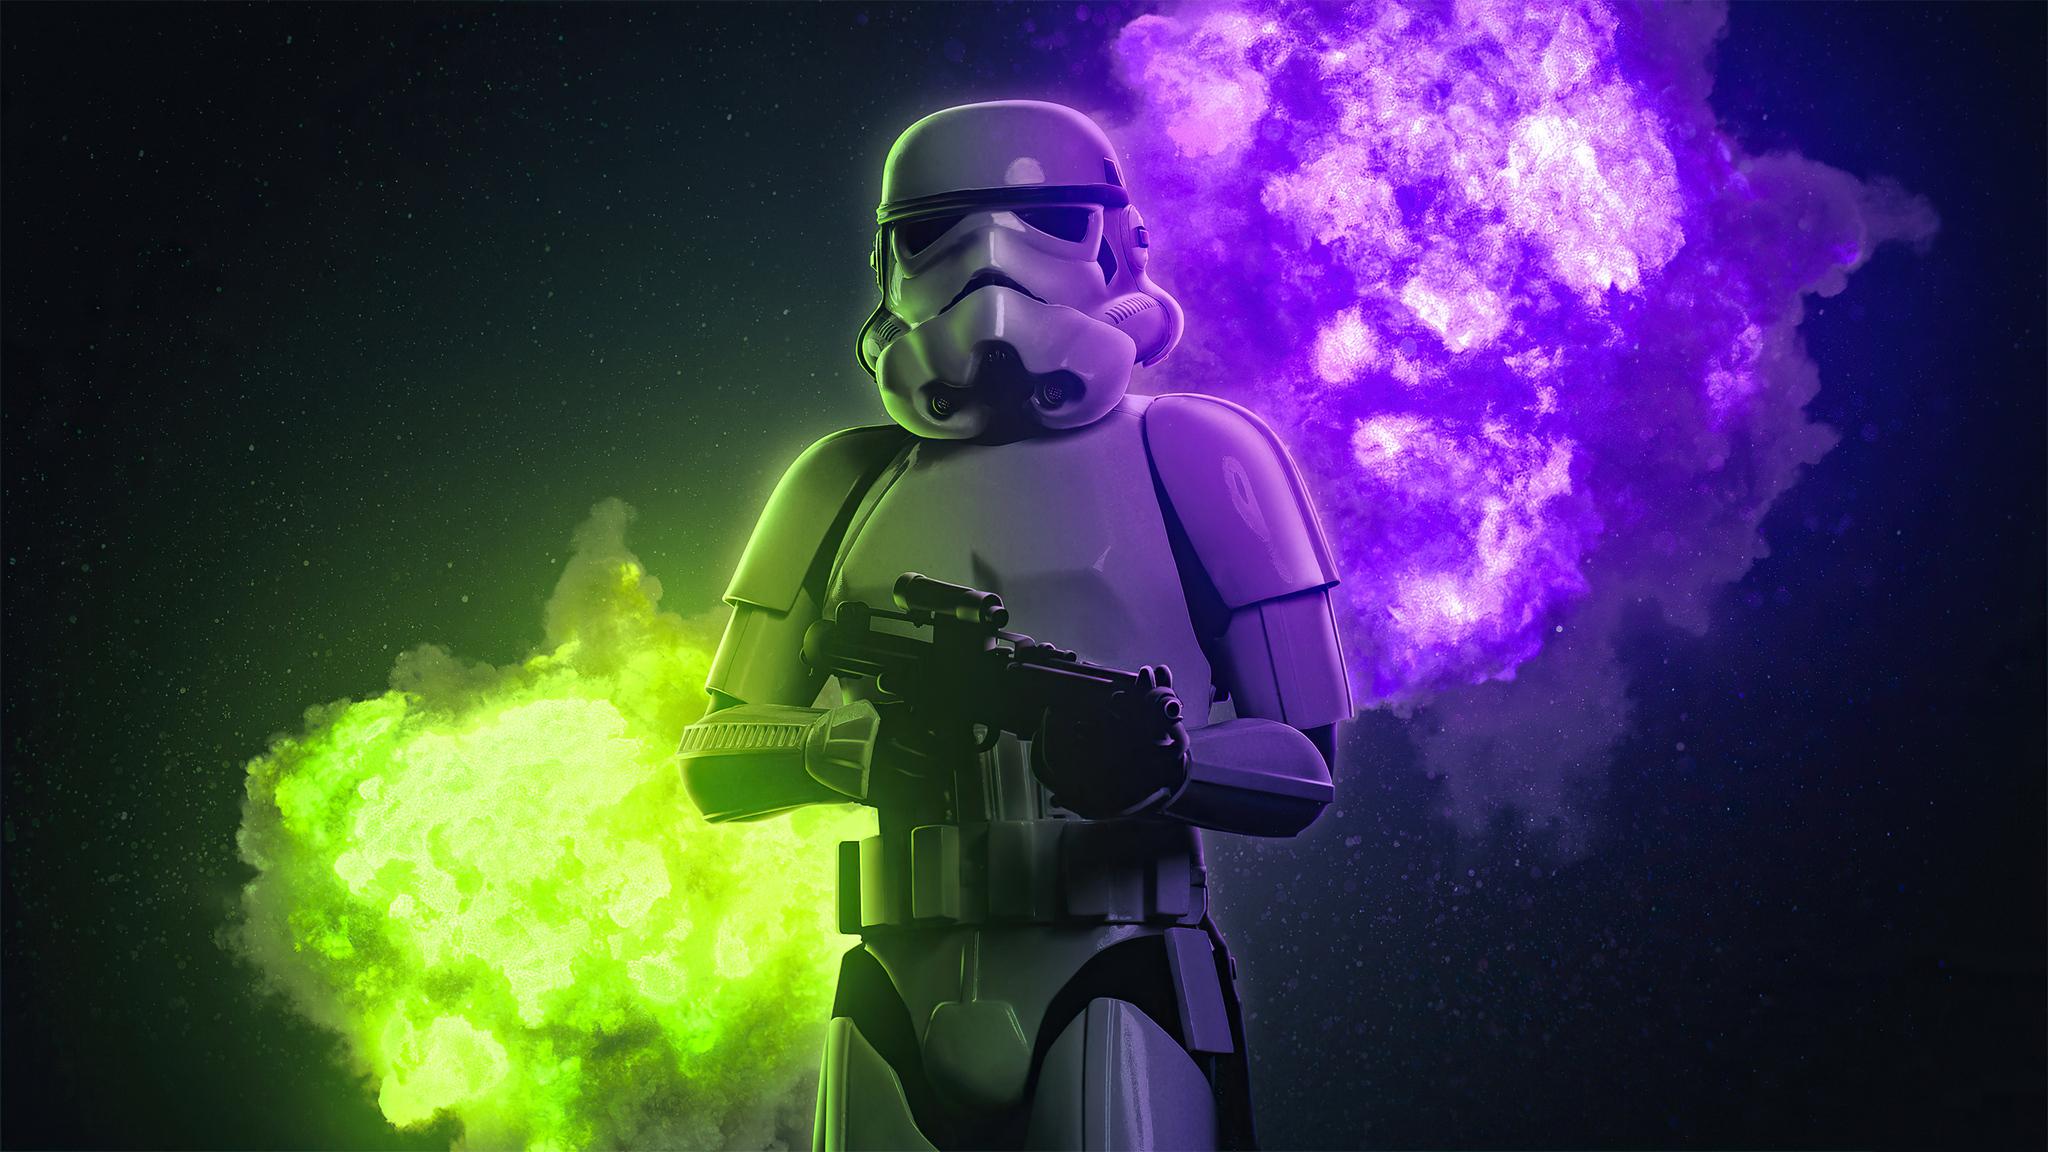 imperial-stormtrooper-4k-hr.jpg